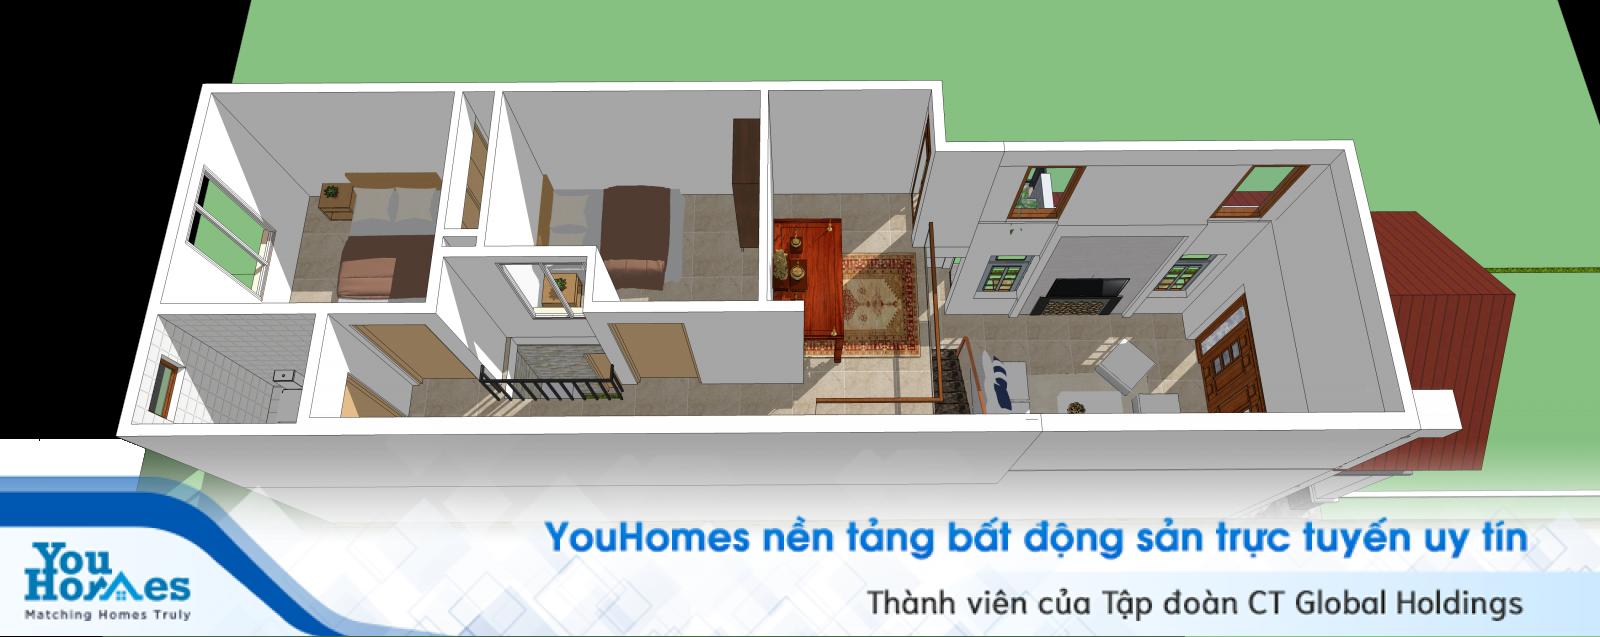 Gác lửng giúp nhà ống 1 tầng 3 phòng ngủ trở nên tối ưu và tiện lợi khi sinh hoạt.